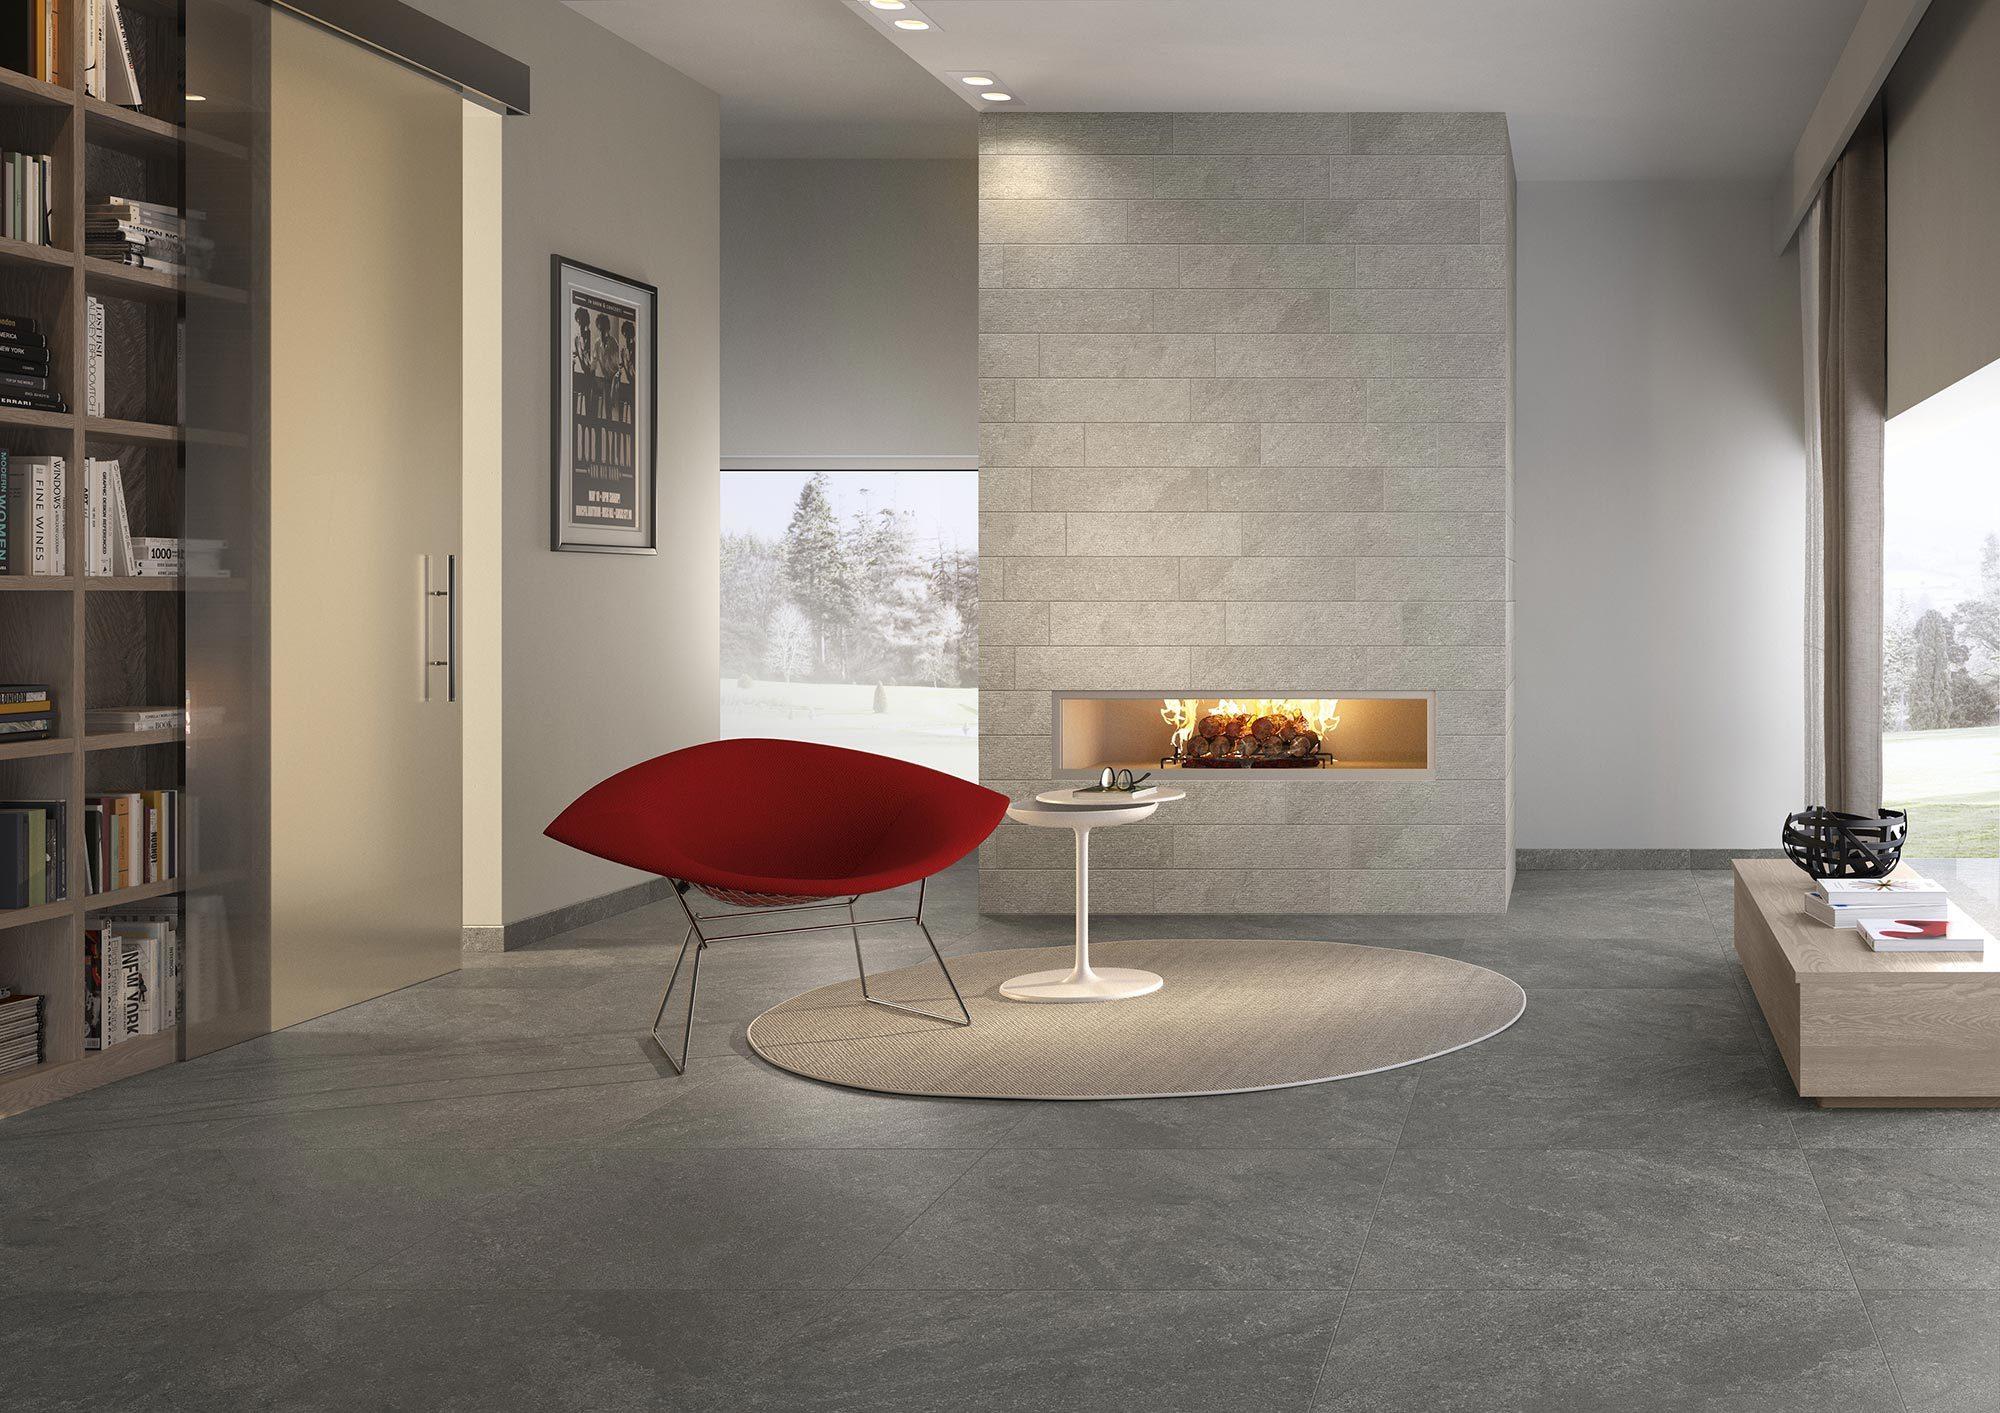 Mit sanften Farben, dezentem Glitzern und subtilen Dekorationen ermöglicht ALTA vielfältige, individuelle Gestaltungen im modernen Wohnen.